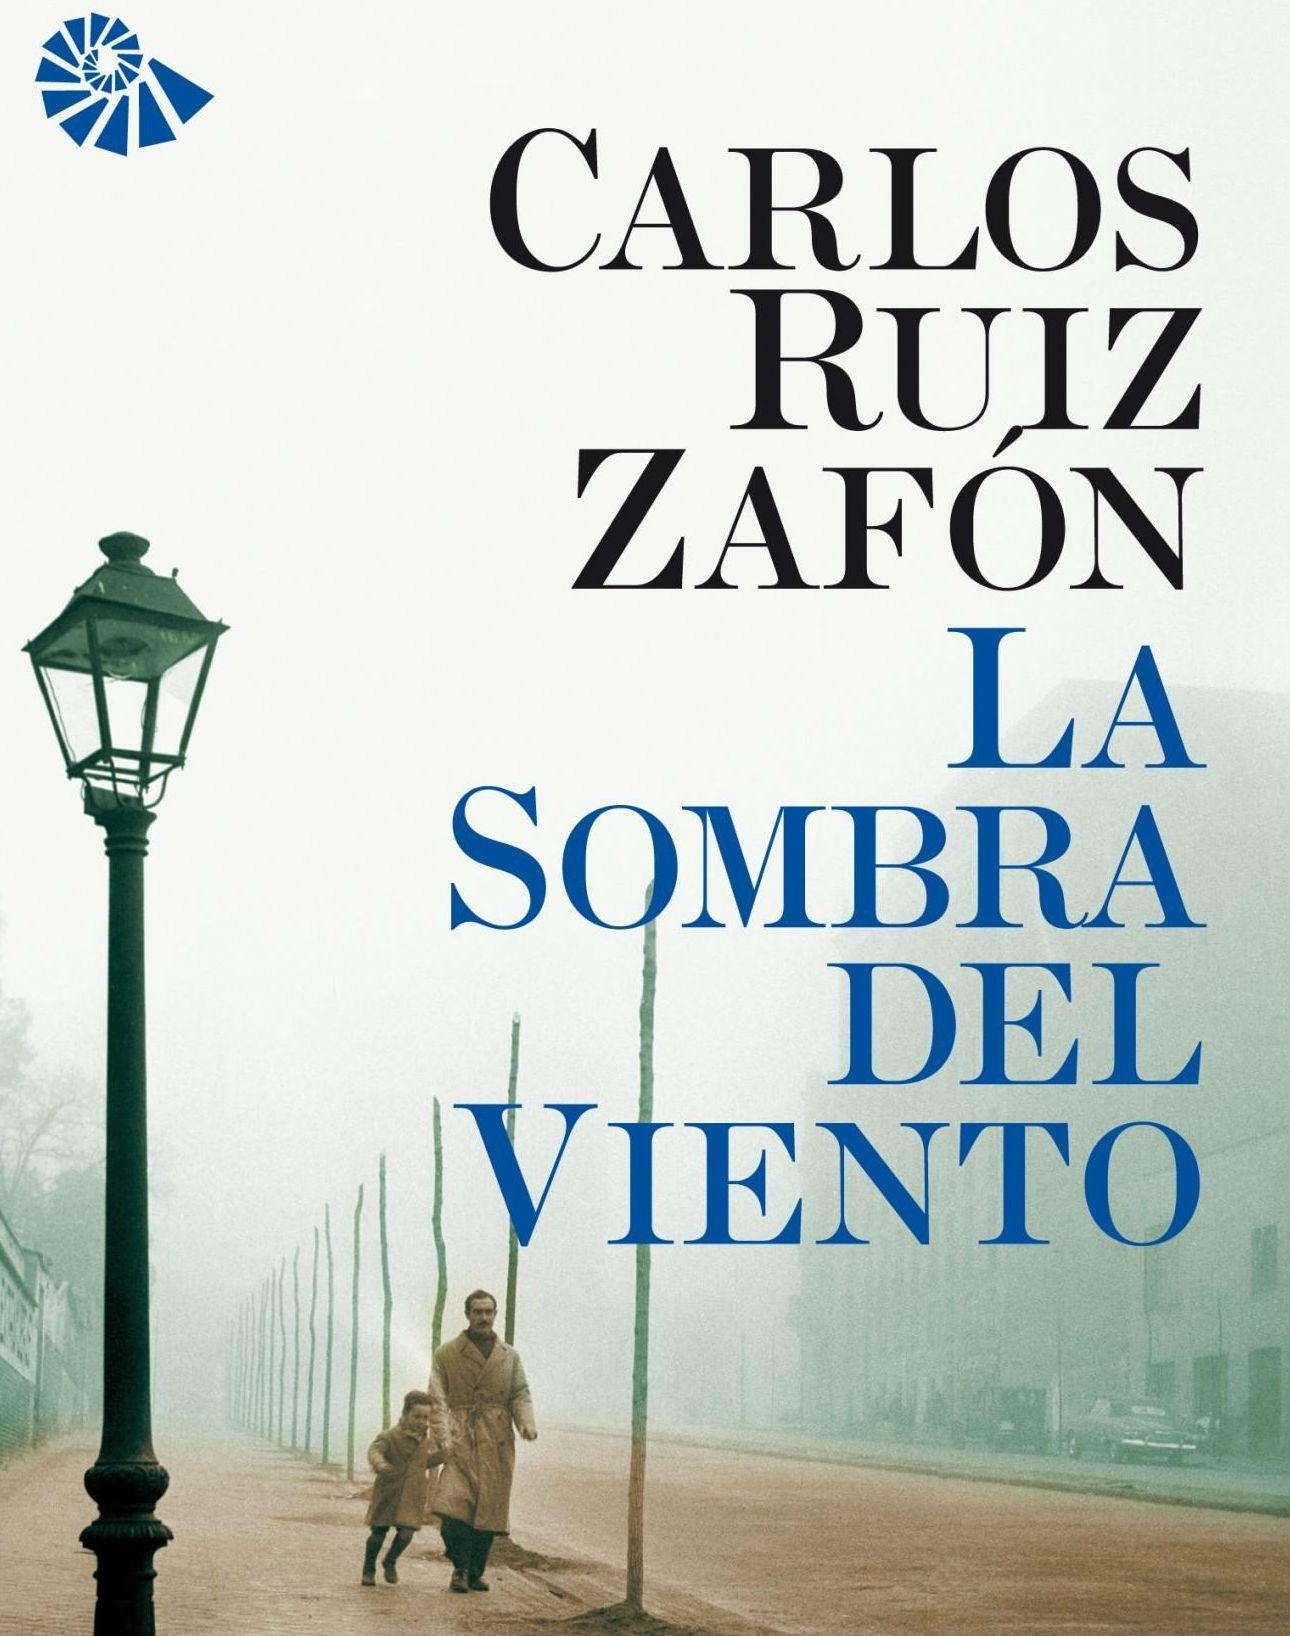 Muere Carlos Ruiz Zafón El Triunfador Discreto Que Batió Récords Con La Sombra Del Viento Rtve Es